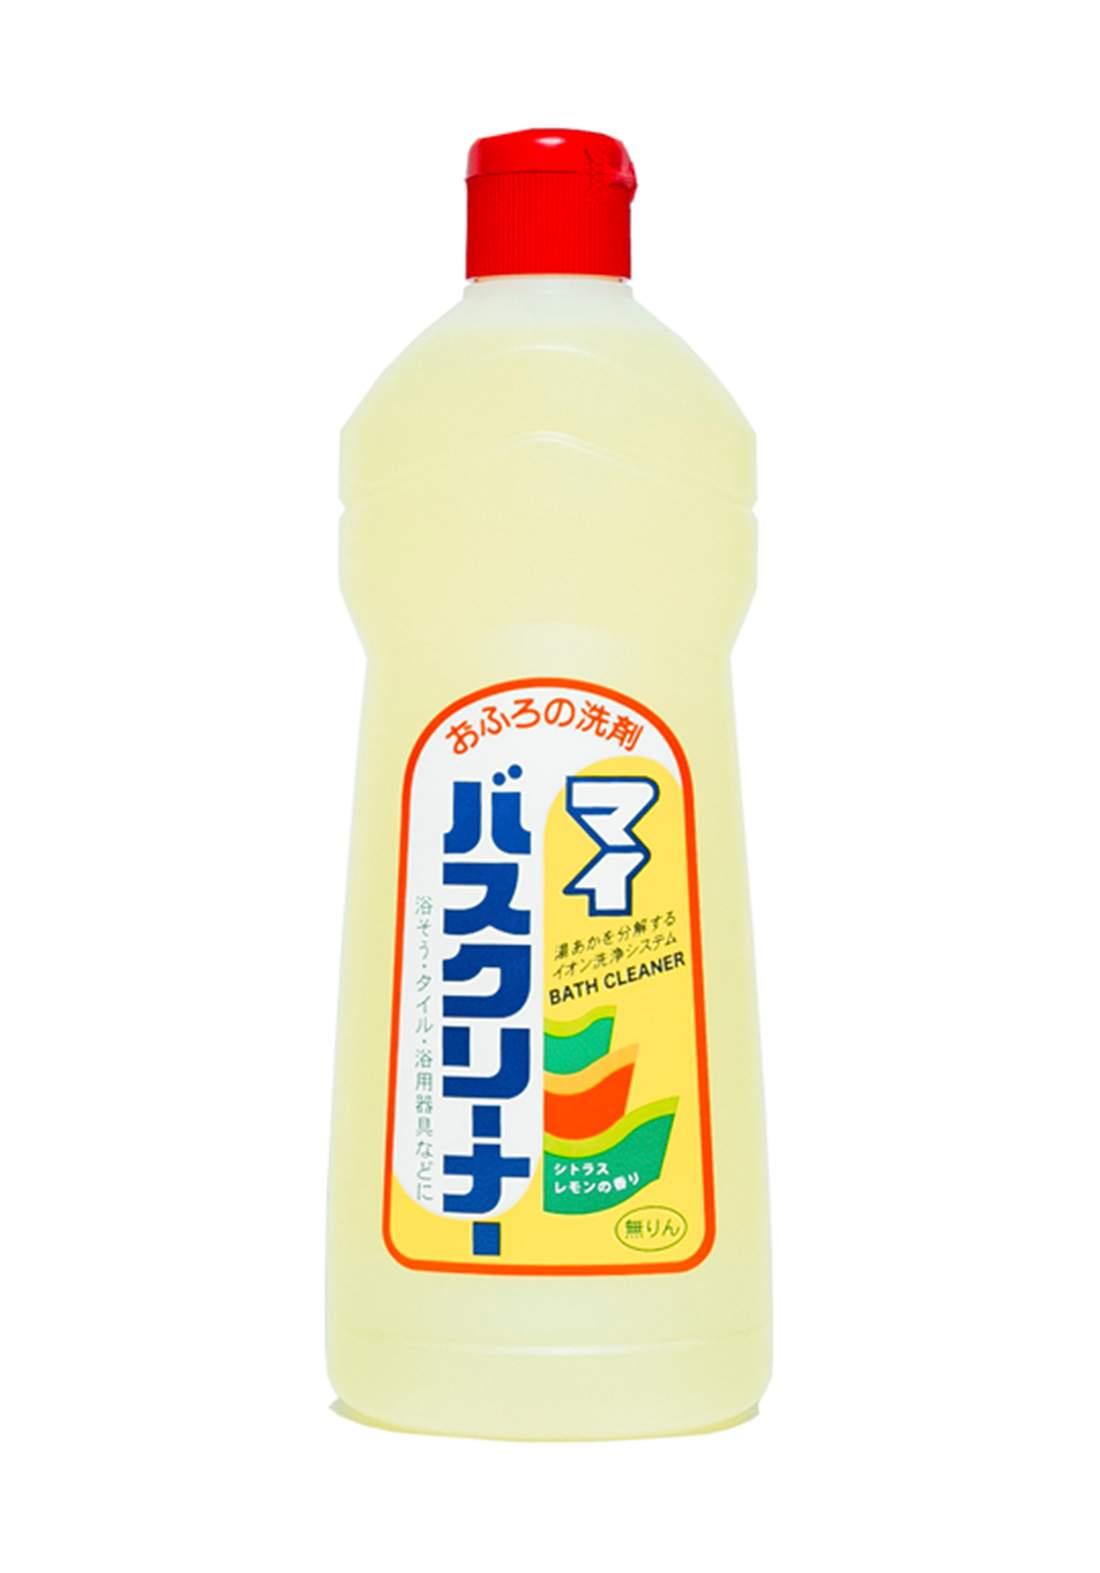 سائل تنظيف للحمامات  برائحة الليمون 500 مل